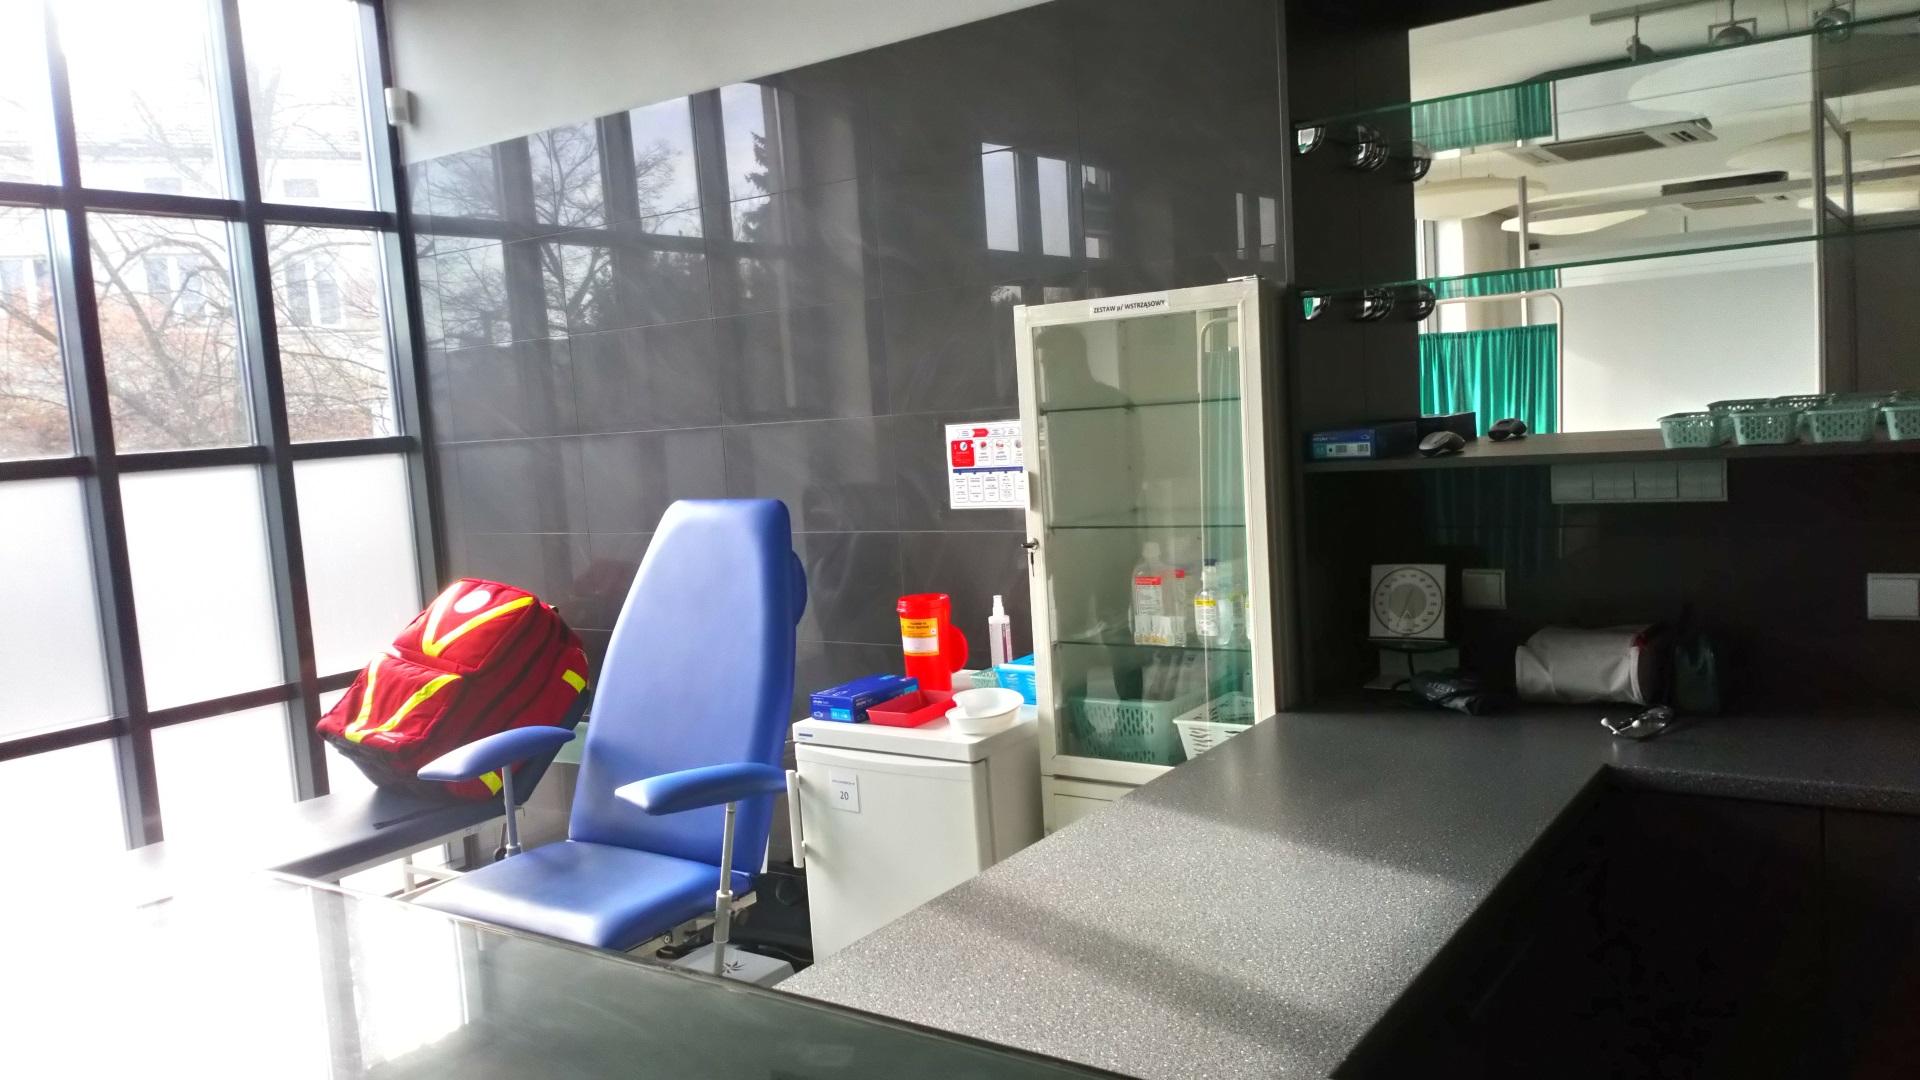 Wnętrze punktu szczepień. Niebieski fotel, oszklona szafka z medykamentami. Na leżance pod oknem czerwony plecak medyczny